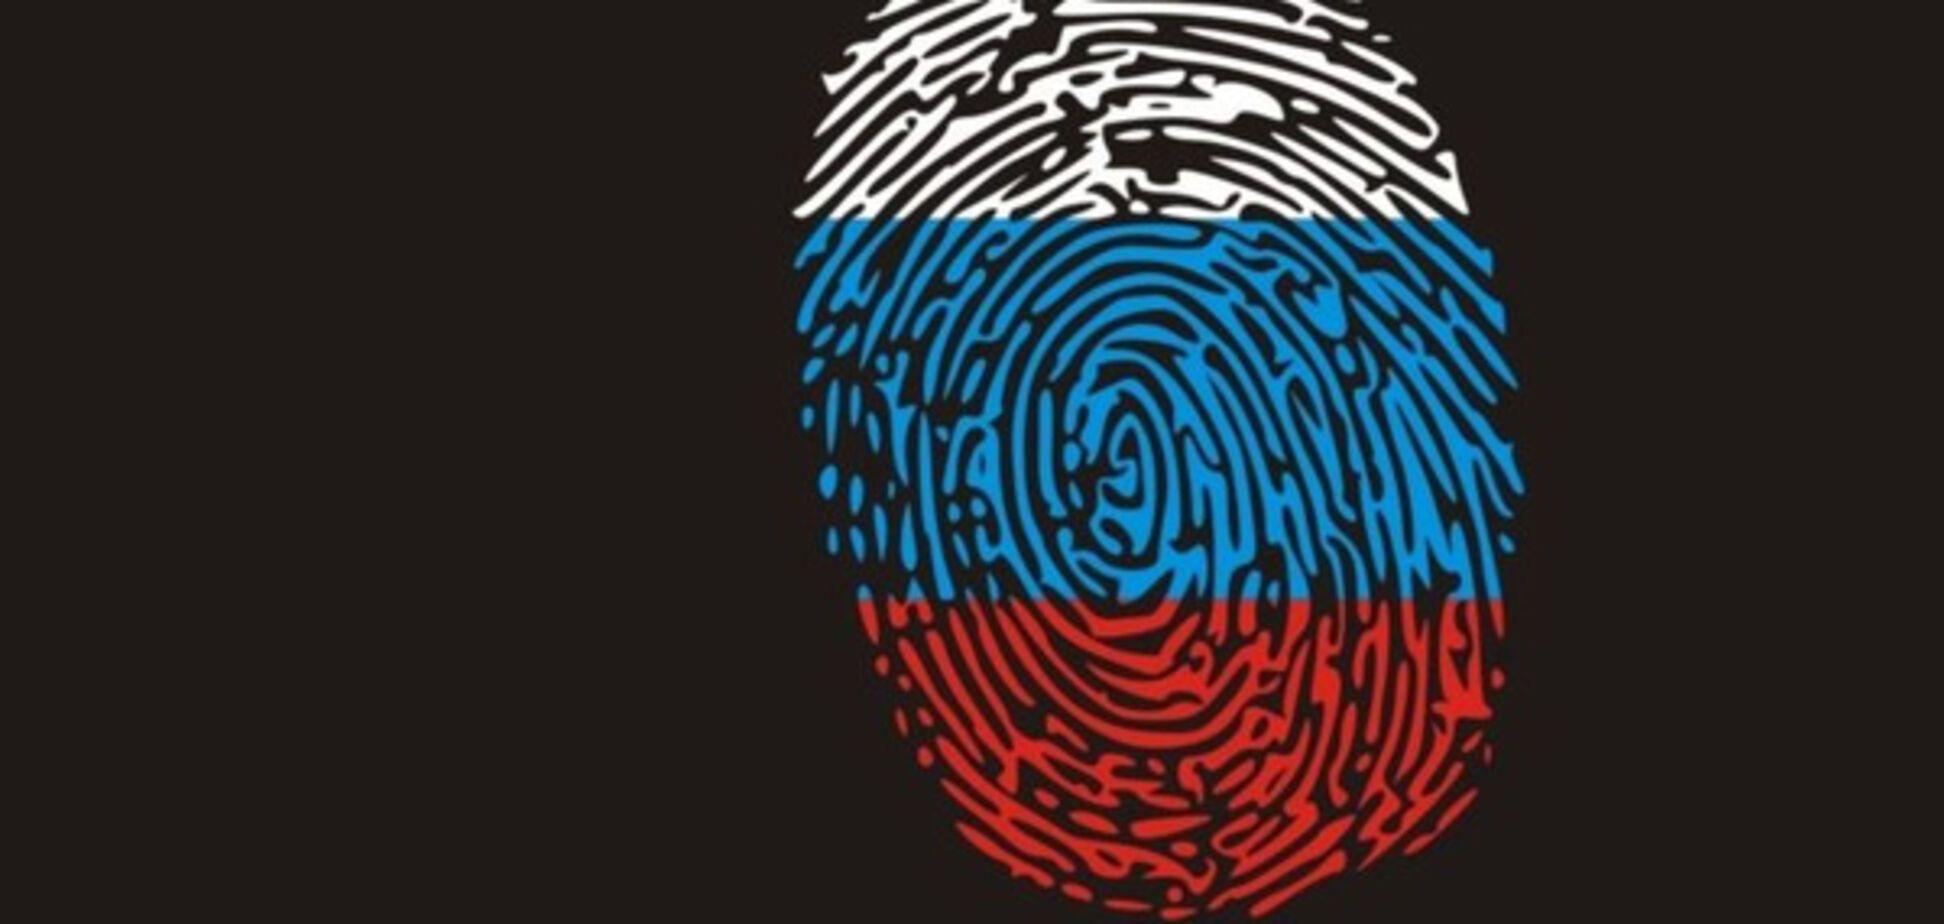 российская нация